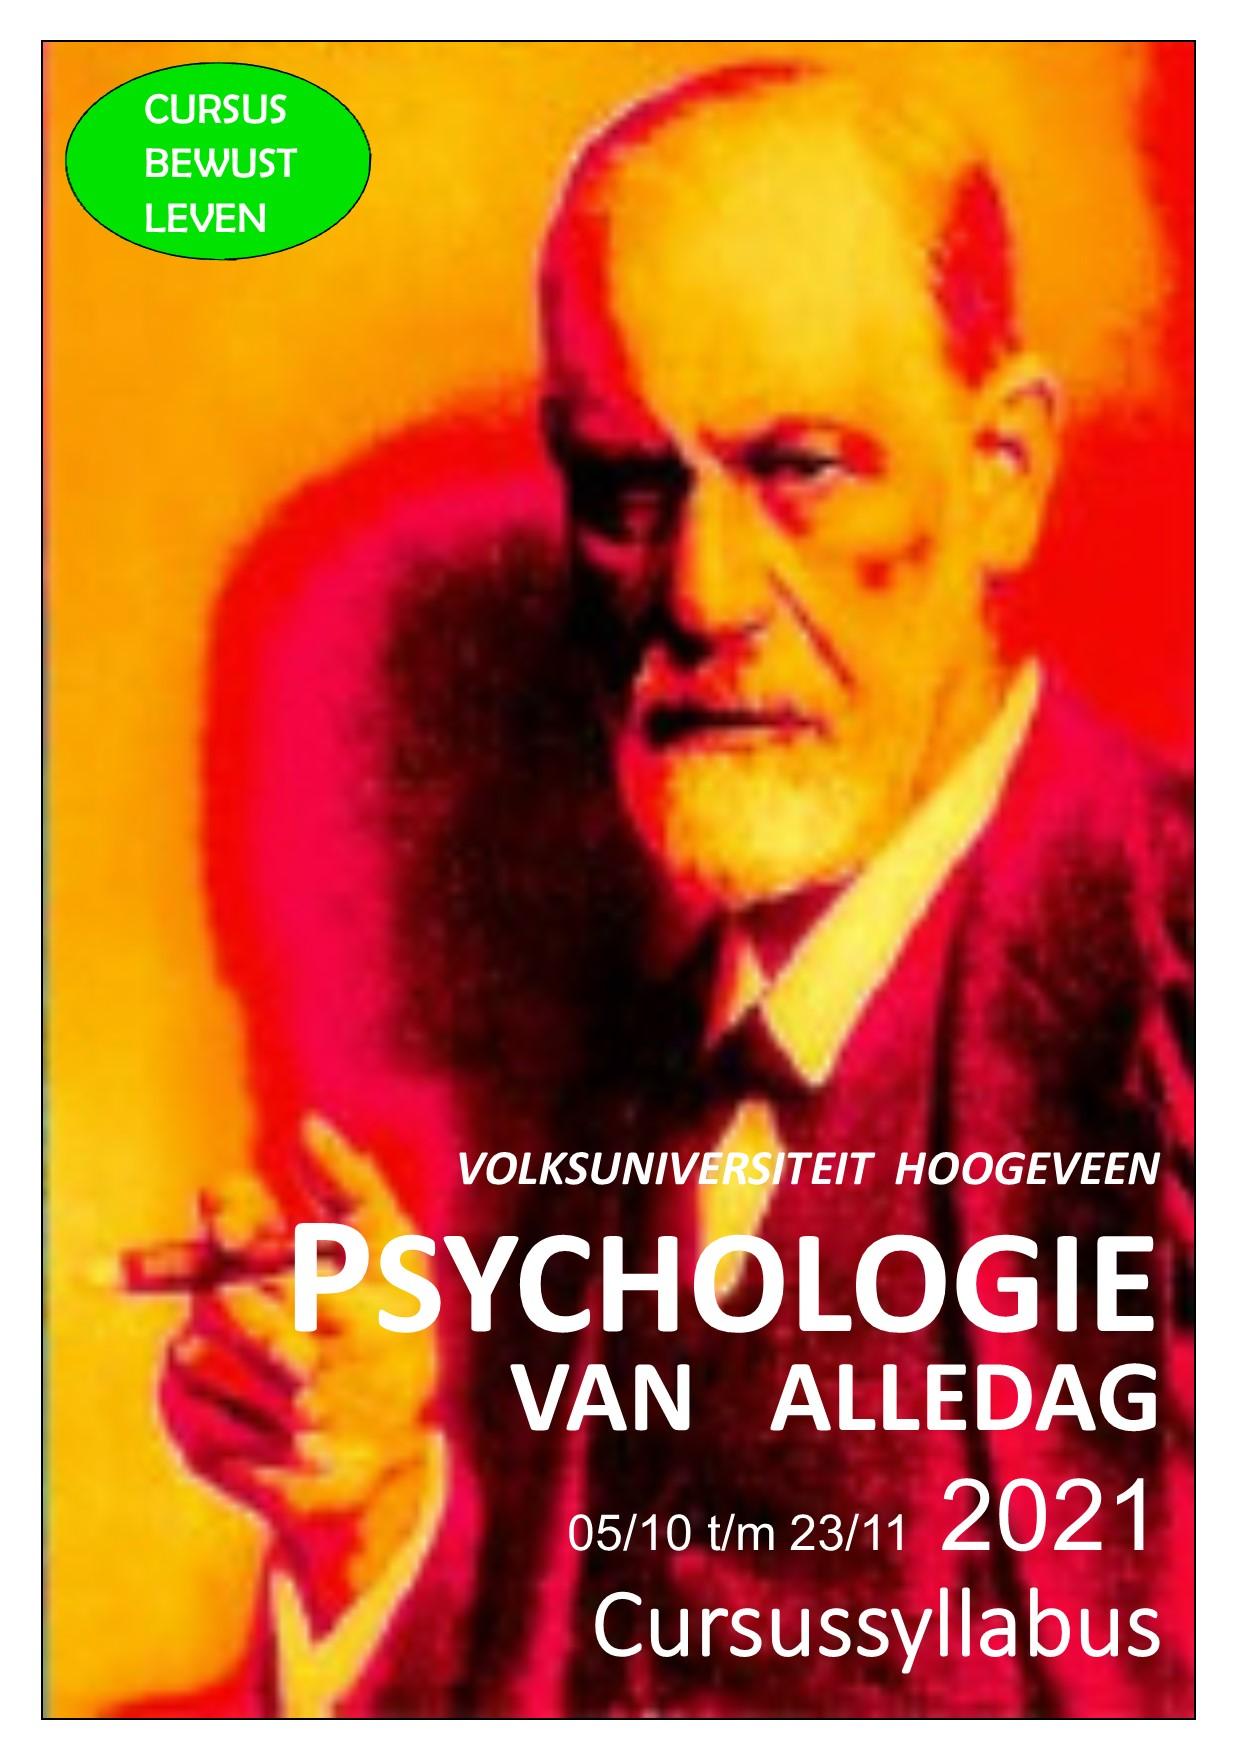 Cursus Bewust leven - Psychologie van alledag